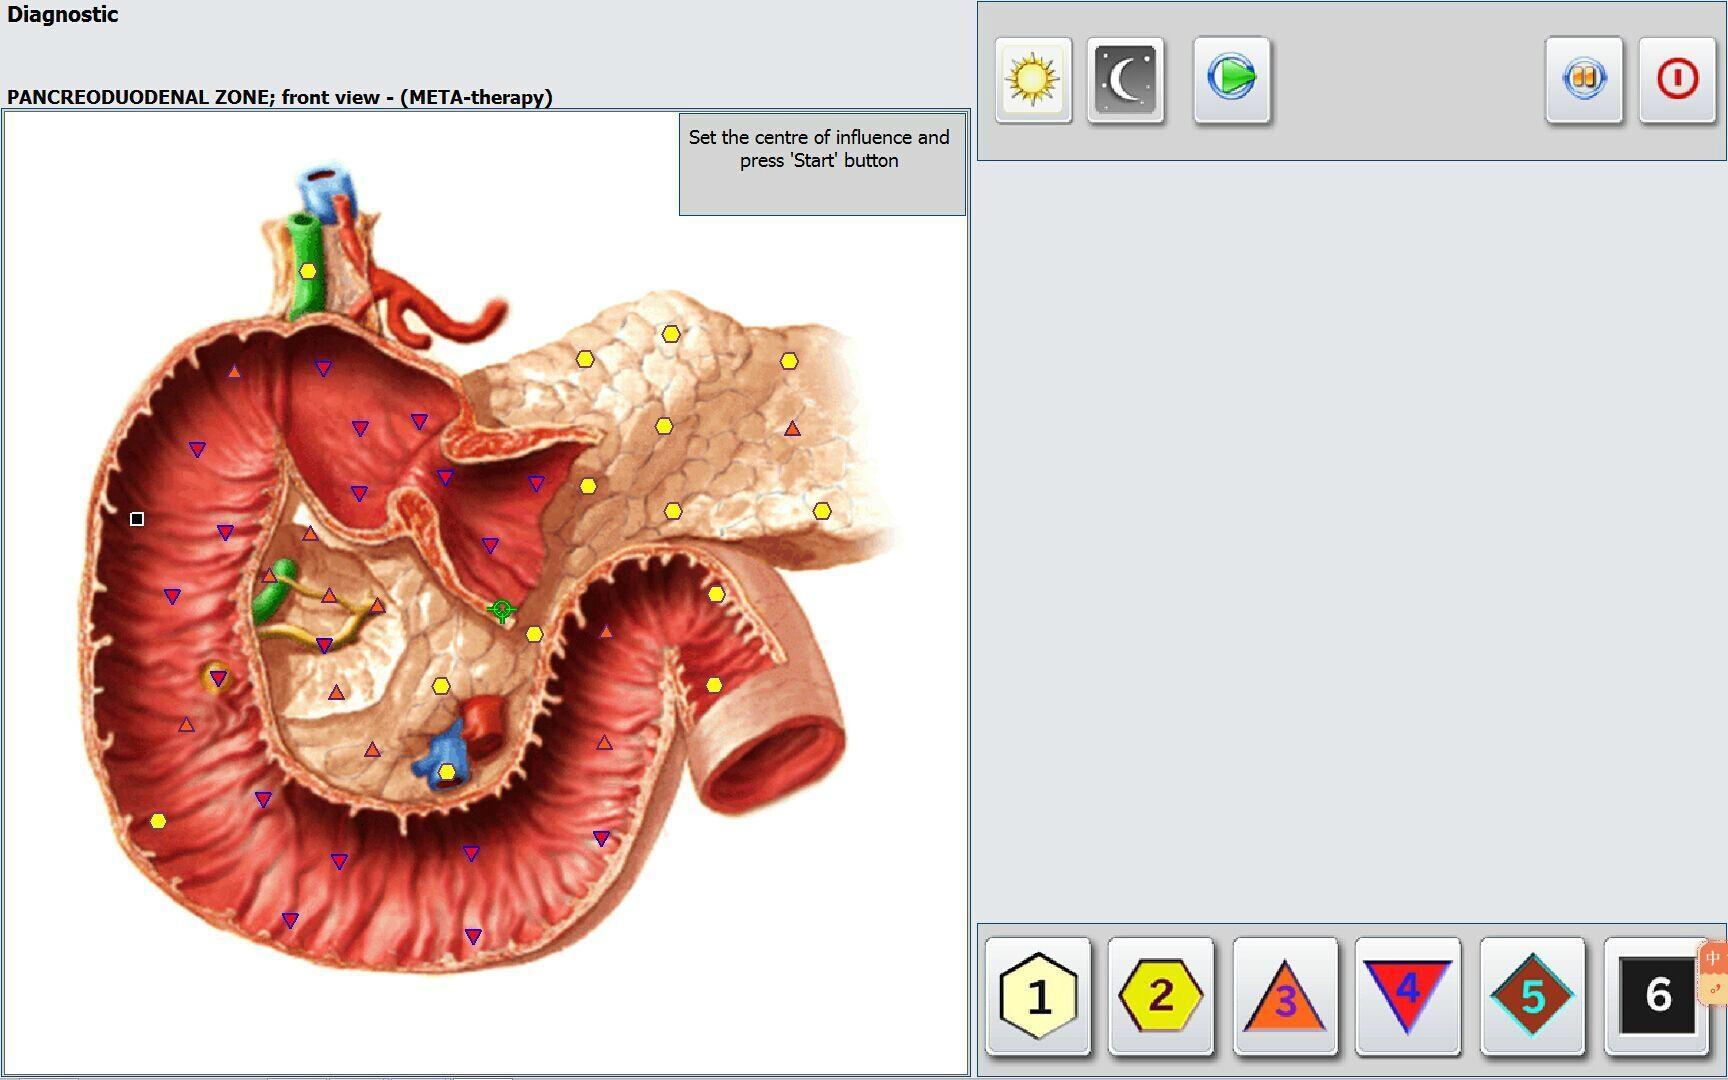 OEM/ OEM提供專業的新塔特隆獵人4025 NLS的身體健康分析儀設備 19